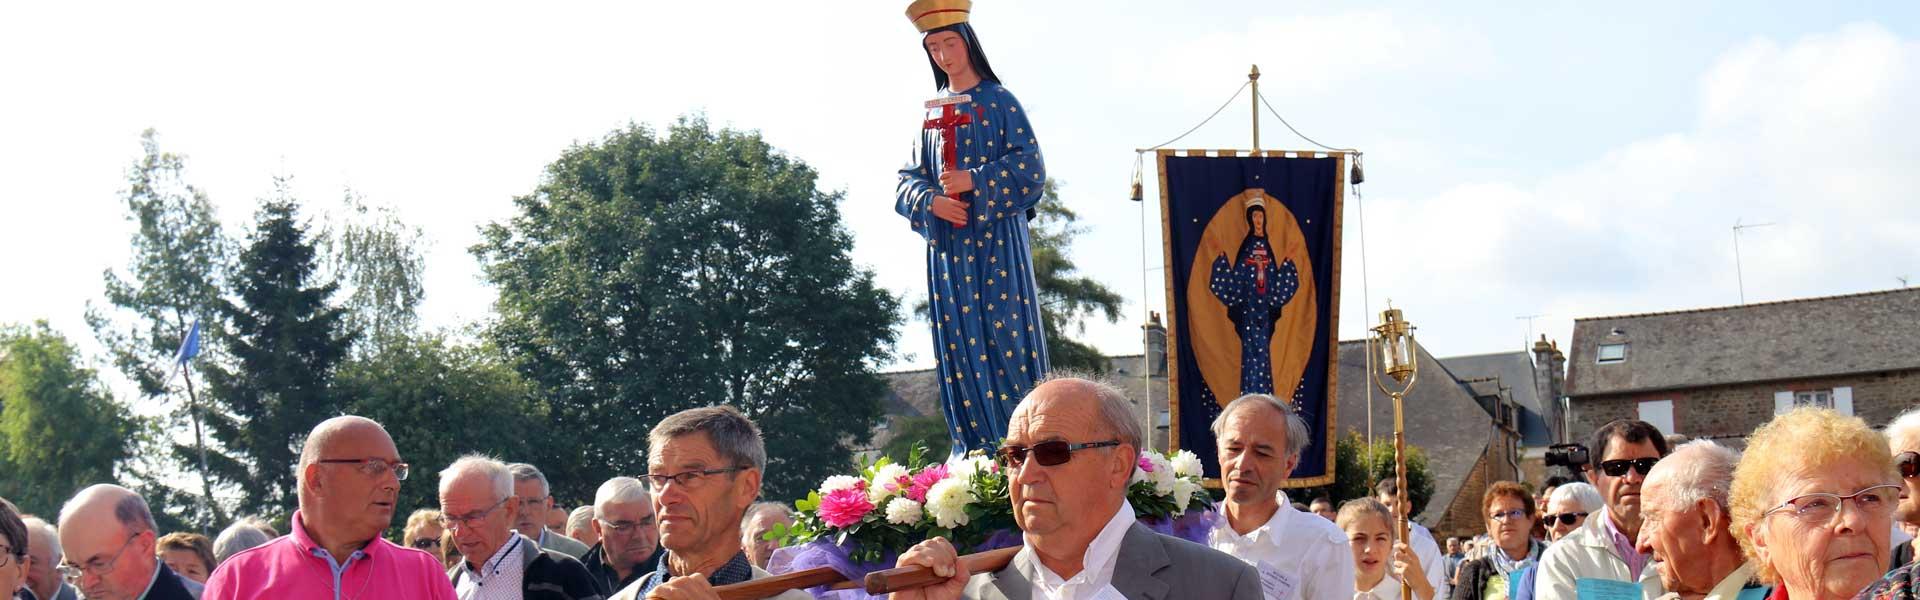 5 000 pèlerins étaient à Pontmain pour l'Assomption – N'ayons pas peur d'être des disciples missionnaires